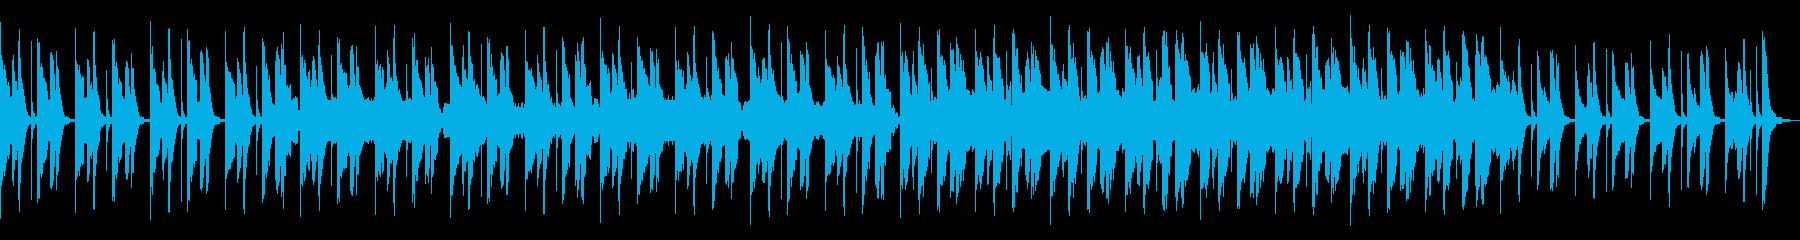 勇敢なマリンバとトランペットの明るい曲の再生済みの波形